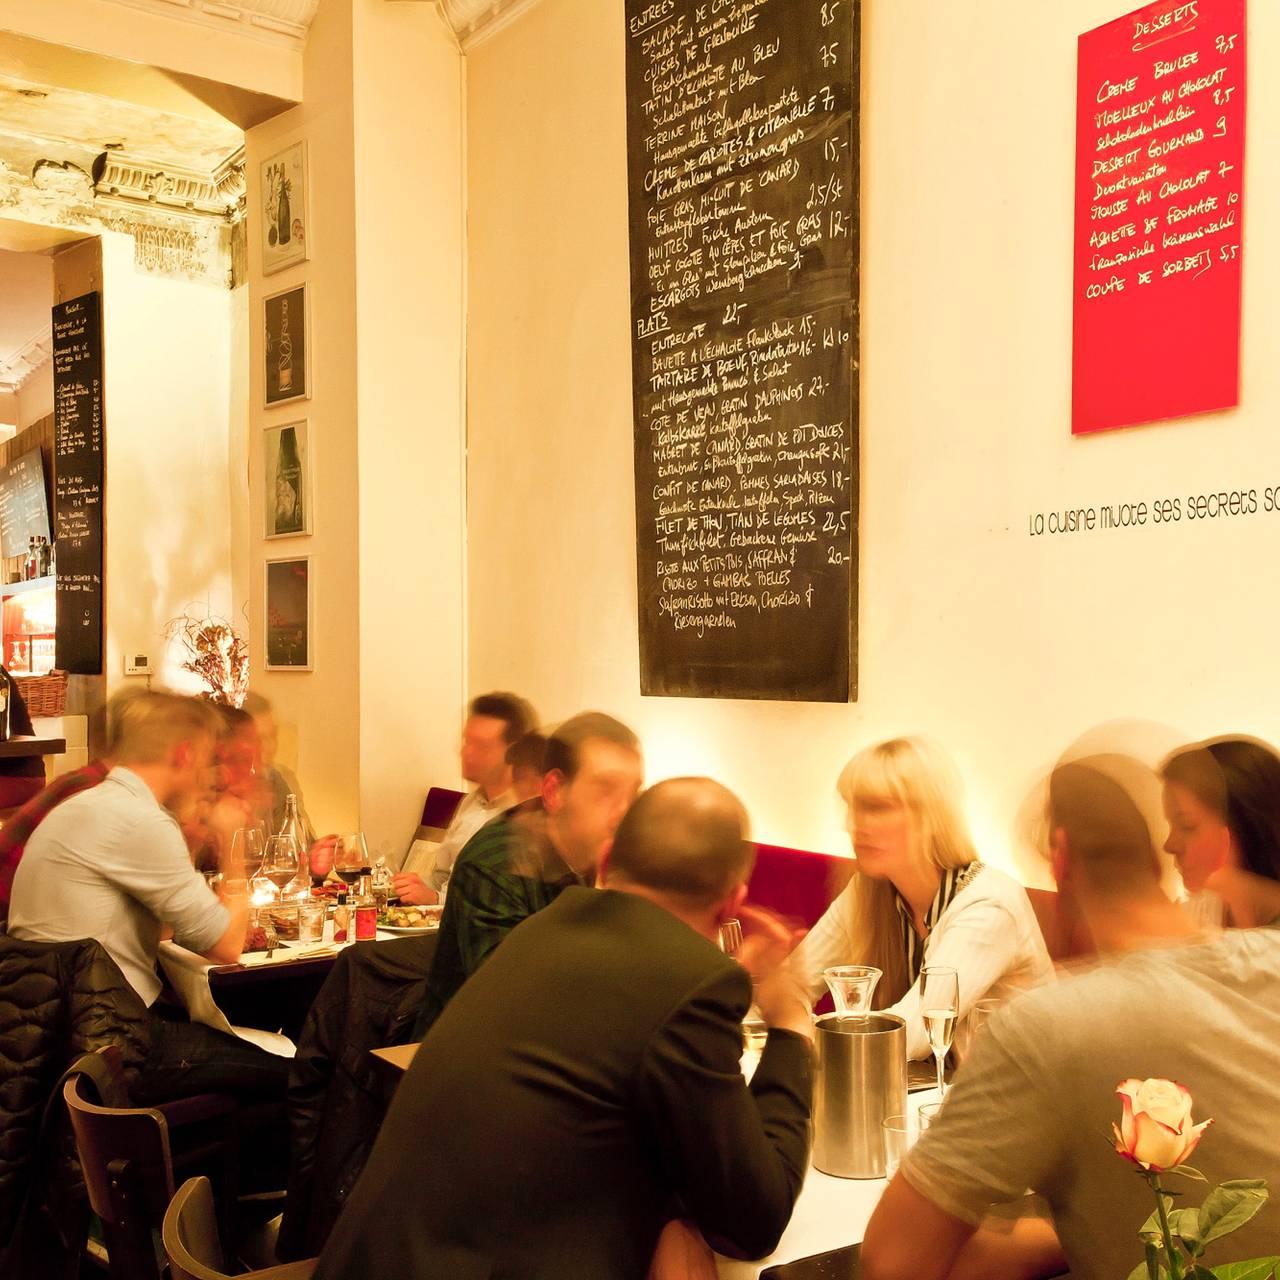 neuer Stil von 2019 gutes Angebot super günstig im vergleich zu Brasserie La bonne franquette Restaurant - Berlin,   OpenTable